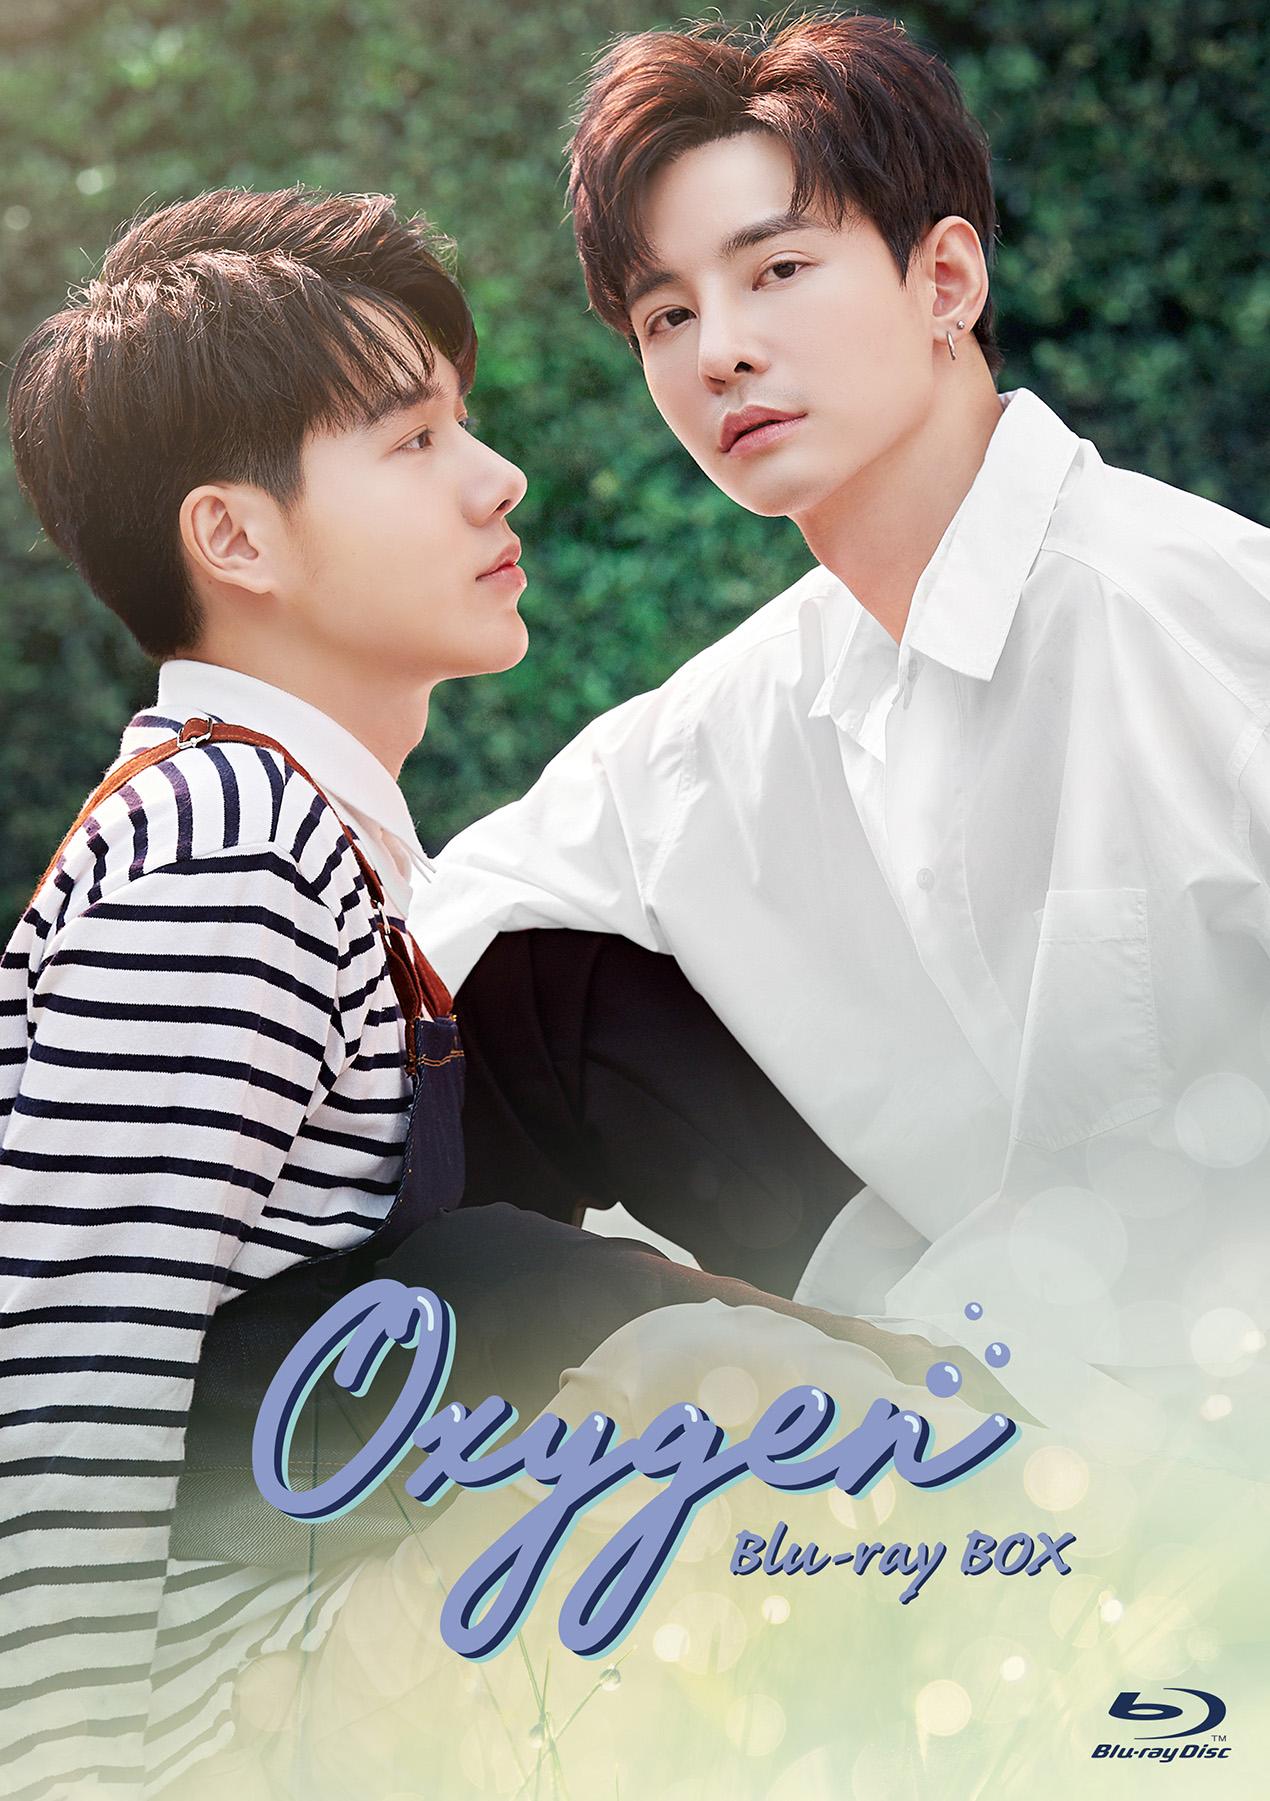 タイBLドラマ「Oxygen」 Blu-ray BOXが発売決定